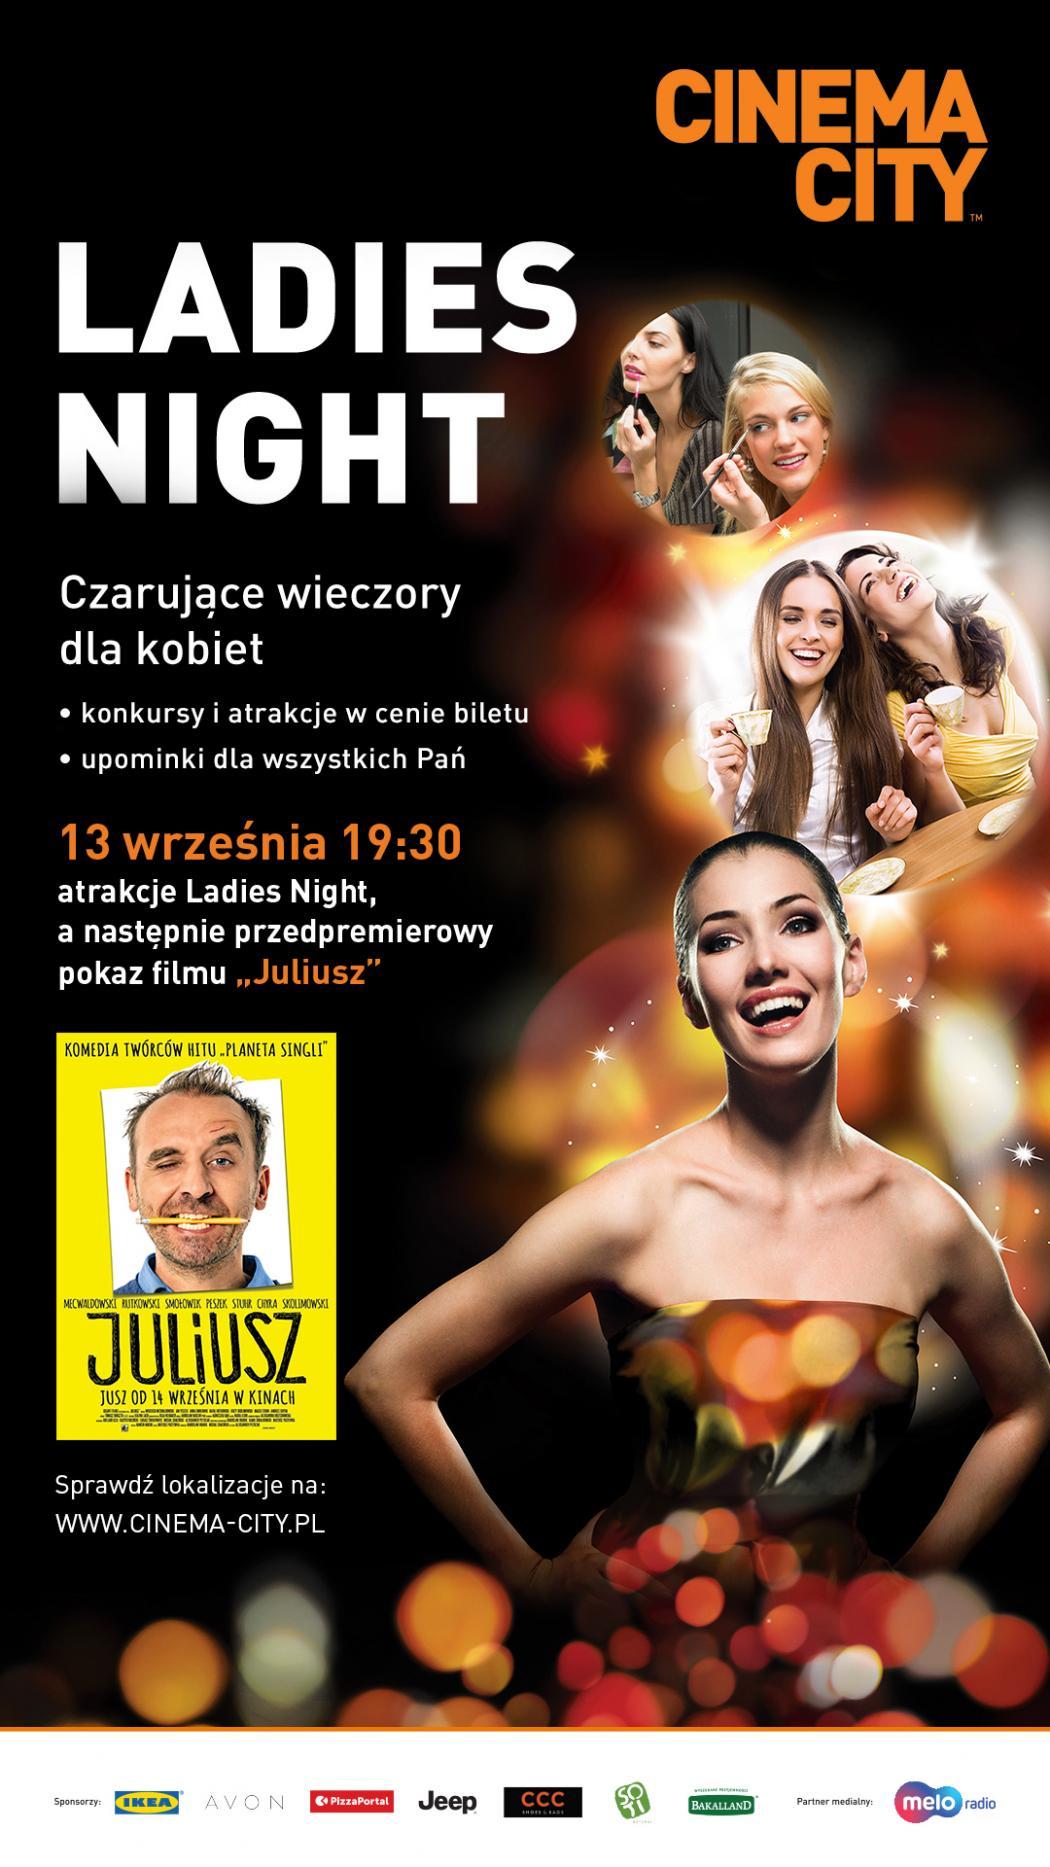 magazynkobiet.pl - 2018 09  Ladies Night Juliusz Plakat 1050x1867 - Spotkania Ladies Night w Cinema City powracają po wakacjach! | 13.09.2018